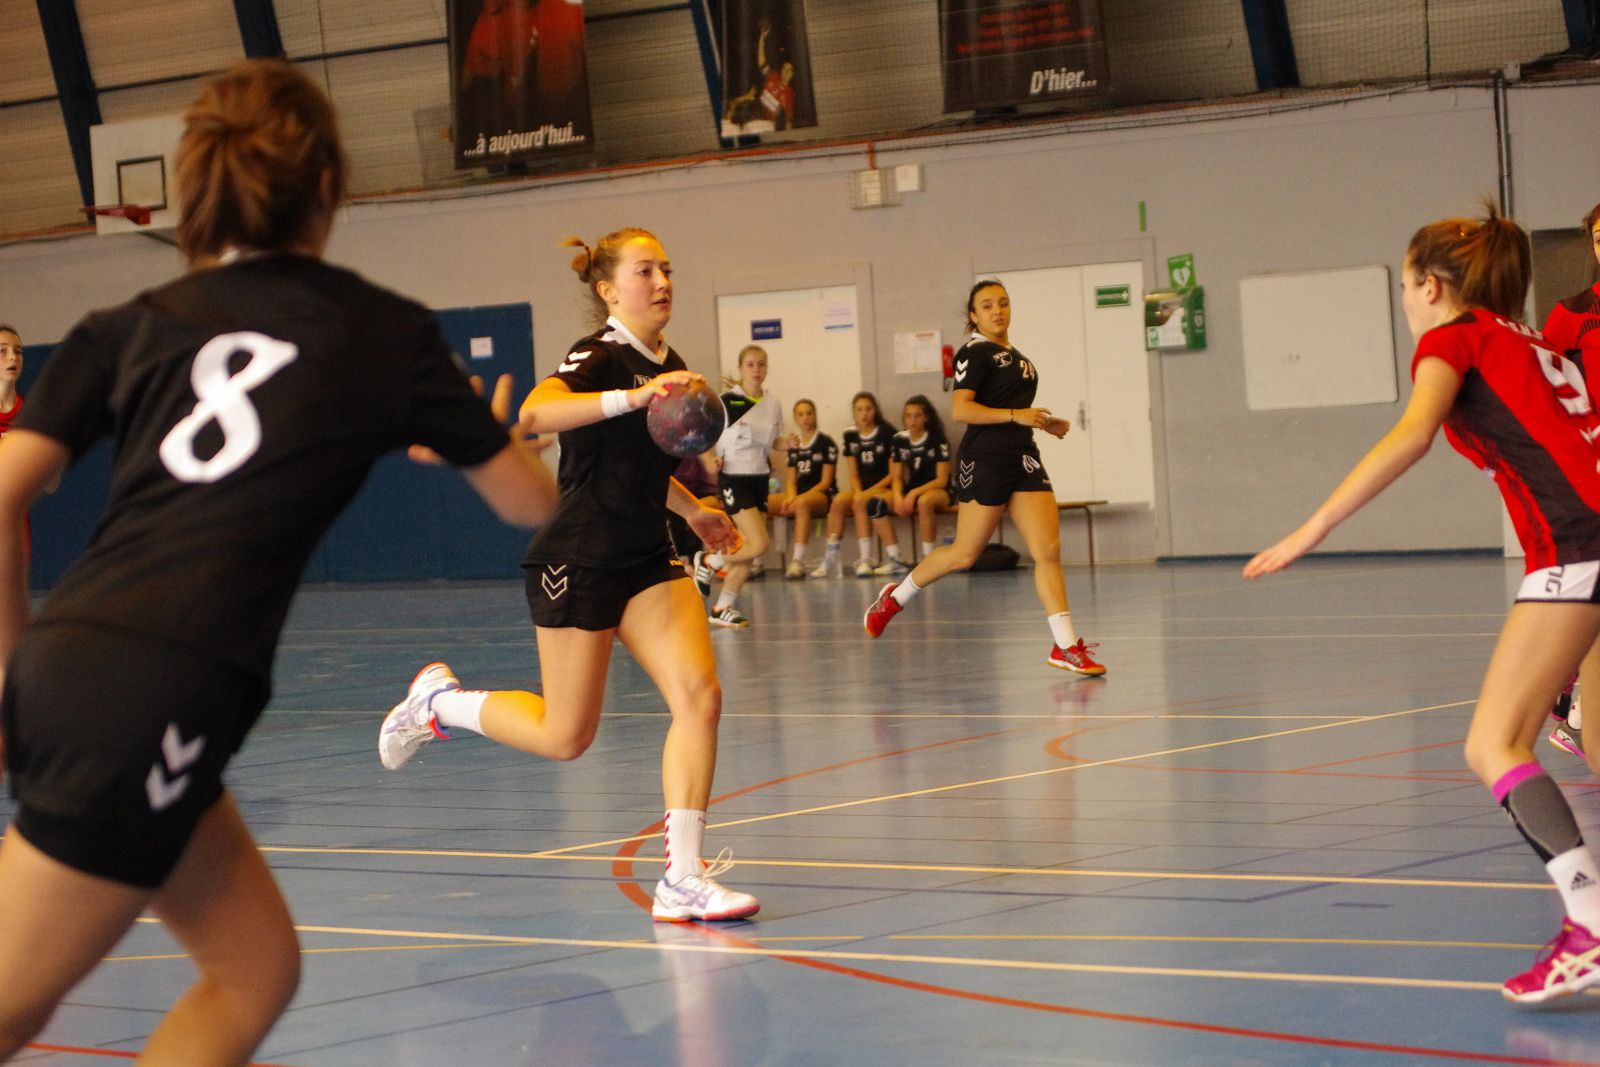 Premier succès en seconde phase du championnat de France pour les U18 masculins de Vénissieux Handball